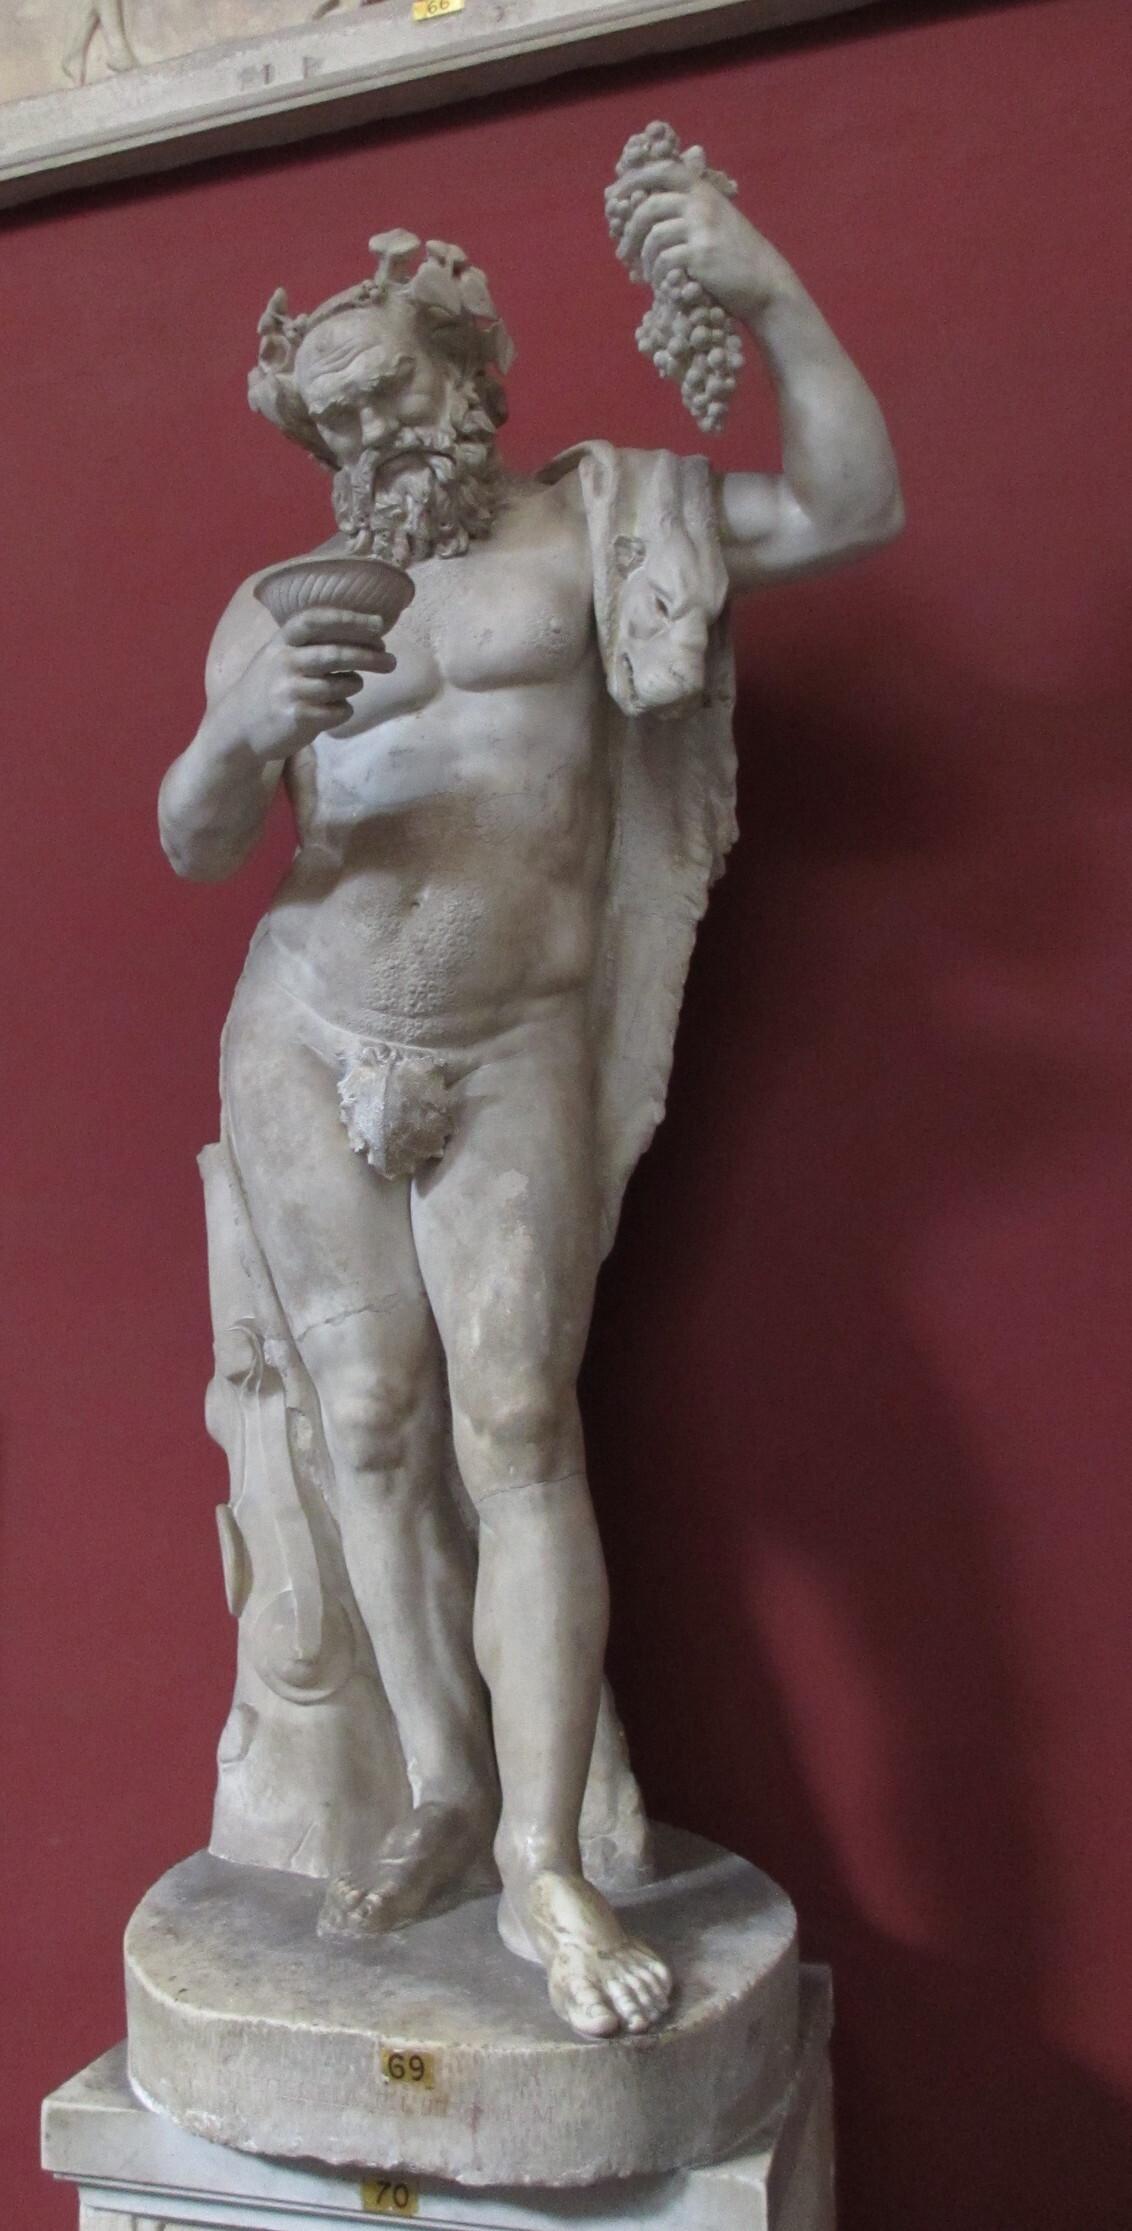 Wijntje? - - - foto door Bianca-101 op 12-06-2018 - deze foto bevat: beeld, god, museum, standbeeld, pose, wijn, mythologie, druiven, grieks, poseren, romeins, beeldhouwwerk, dionysus, bacchus, druivenrank, klassieke oudheid, mythologisch